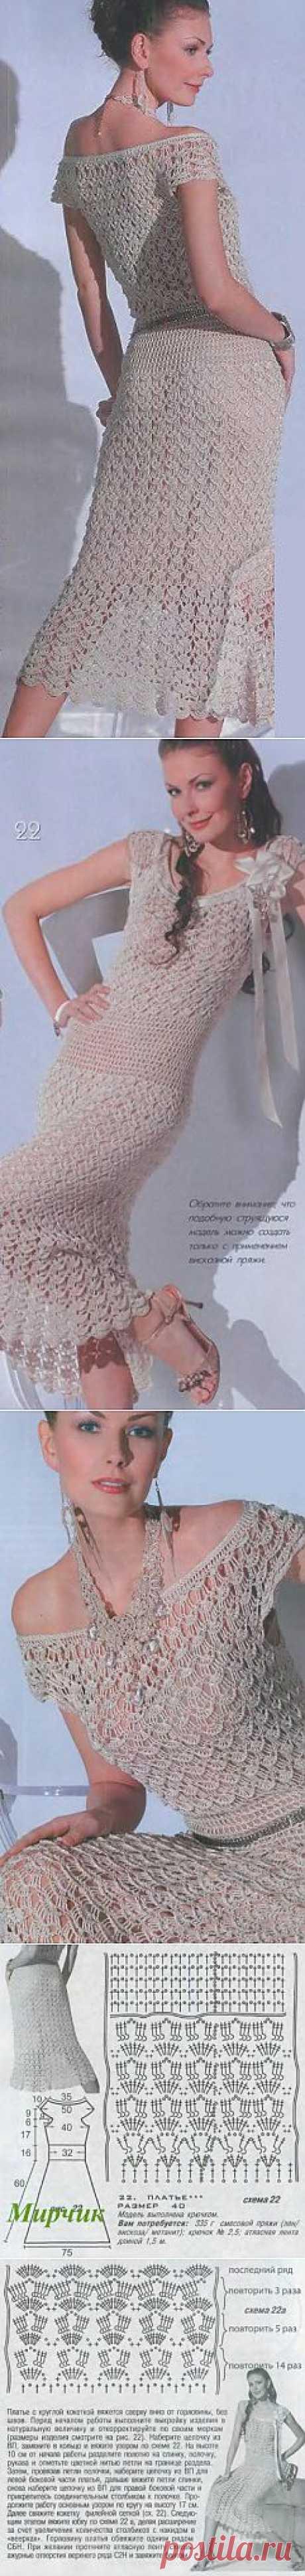 Scheme of knitting of a dress hook